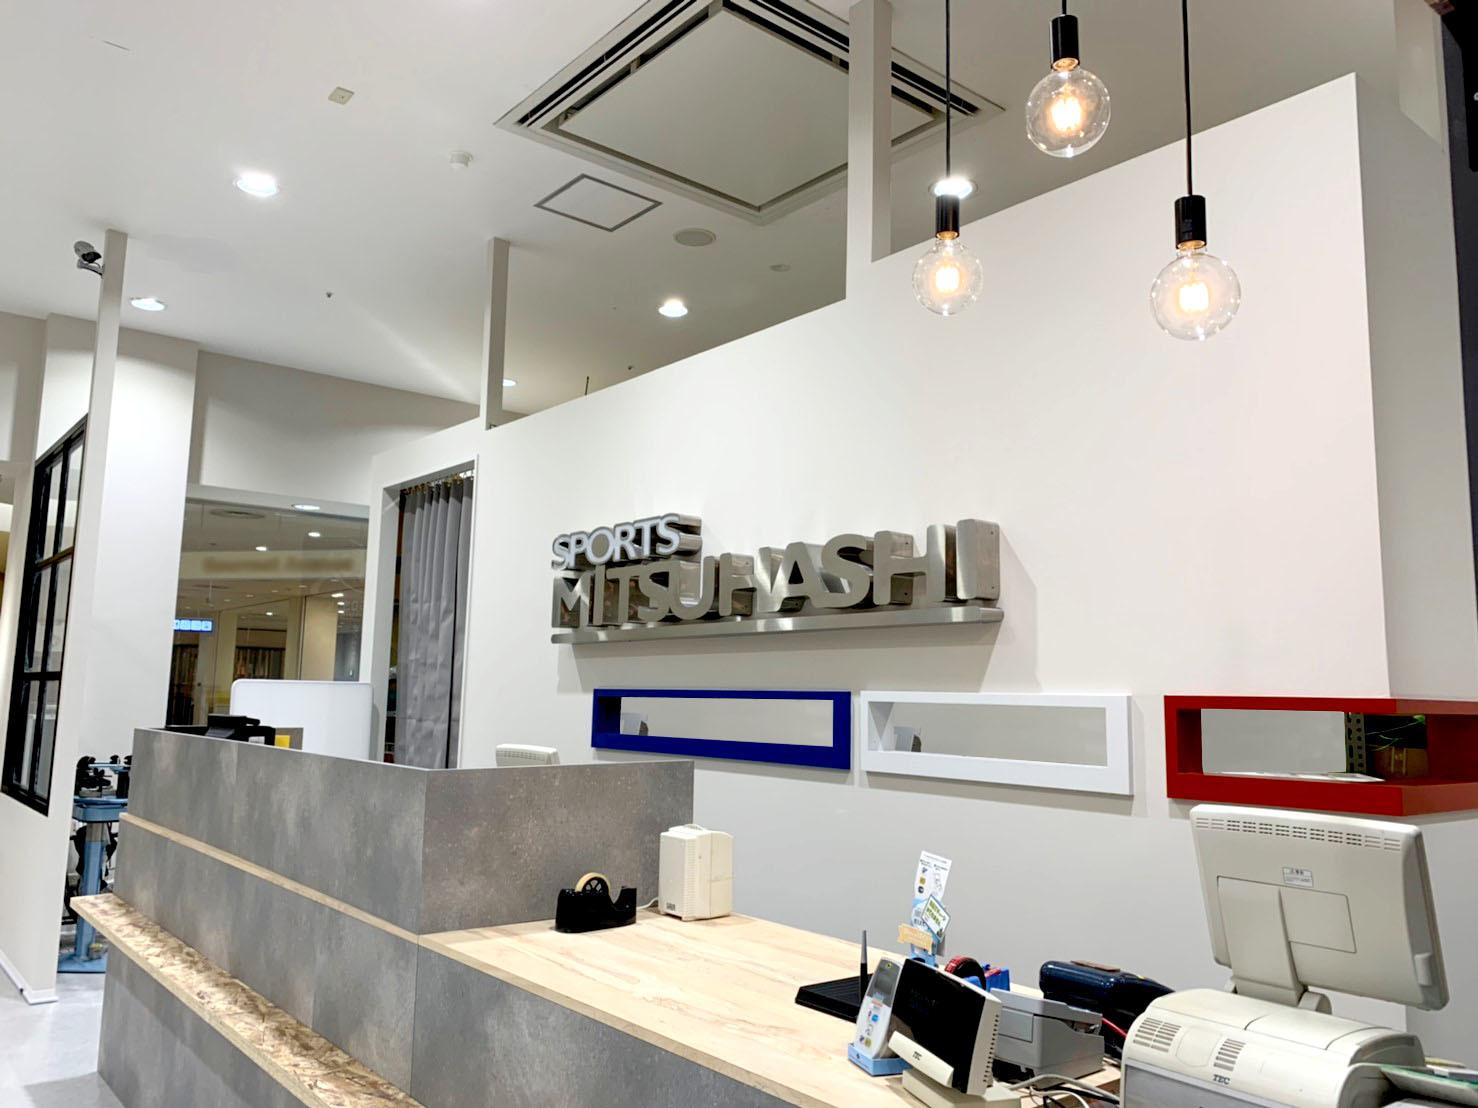 SPORTS MITSUHASHI様八尾店 現状復旧+改装工事完了!_f0300358_16393177.jpg